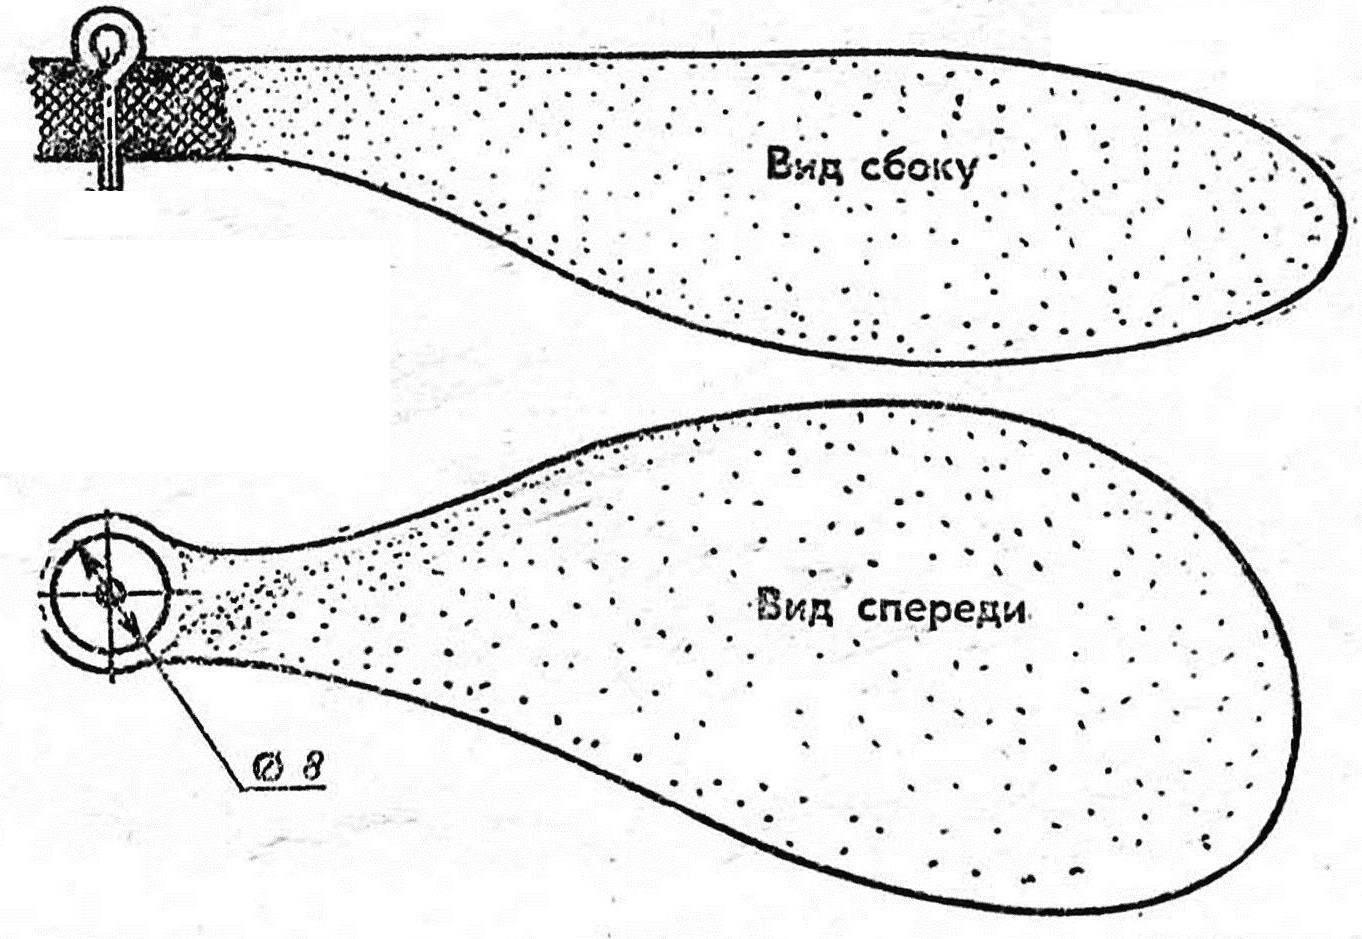 Р и с. 5.Воздушный винт модели